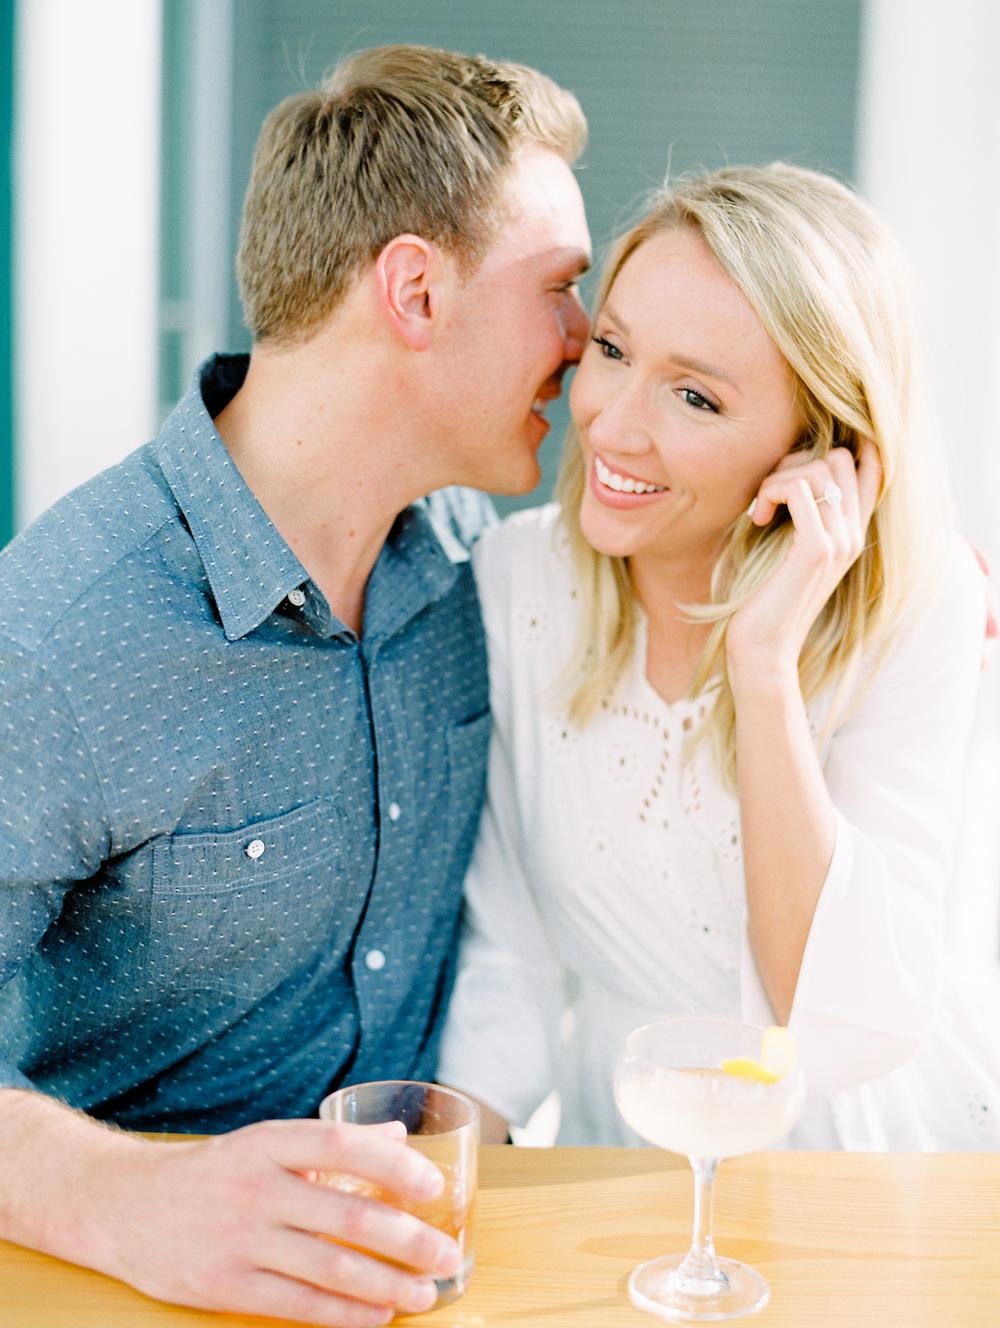 Best-Austin-Denver-California-Wedding-Photographers-fine-art-film-Engagement-Session-46.jpg